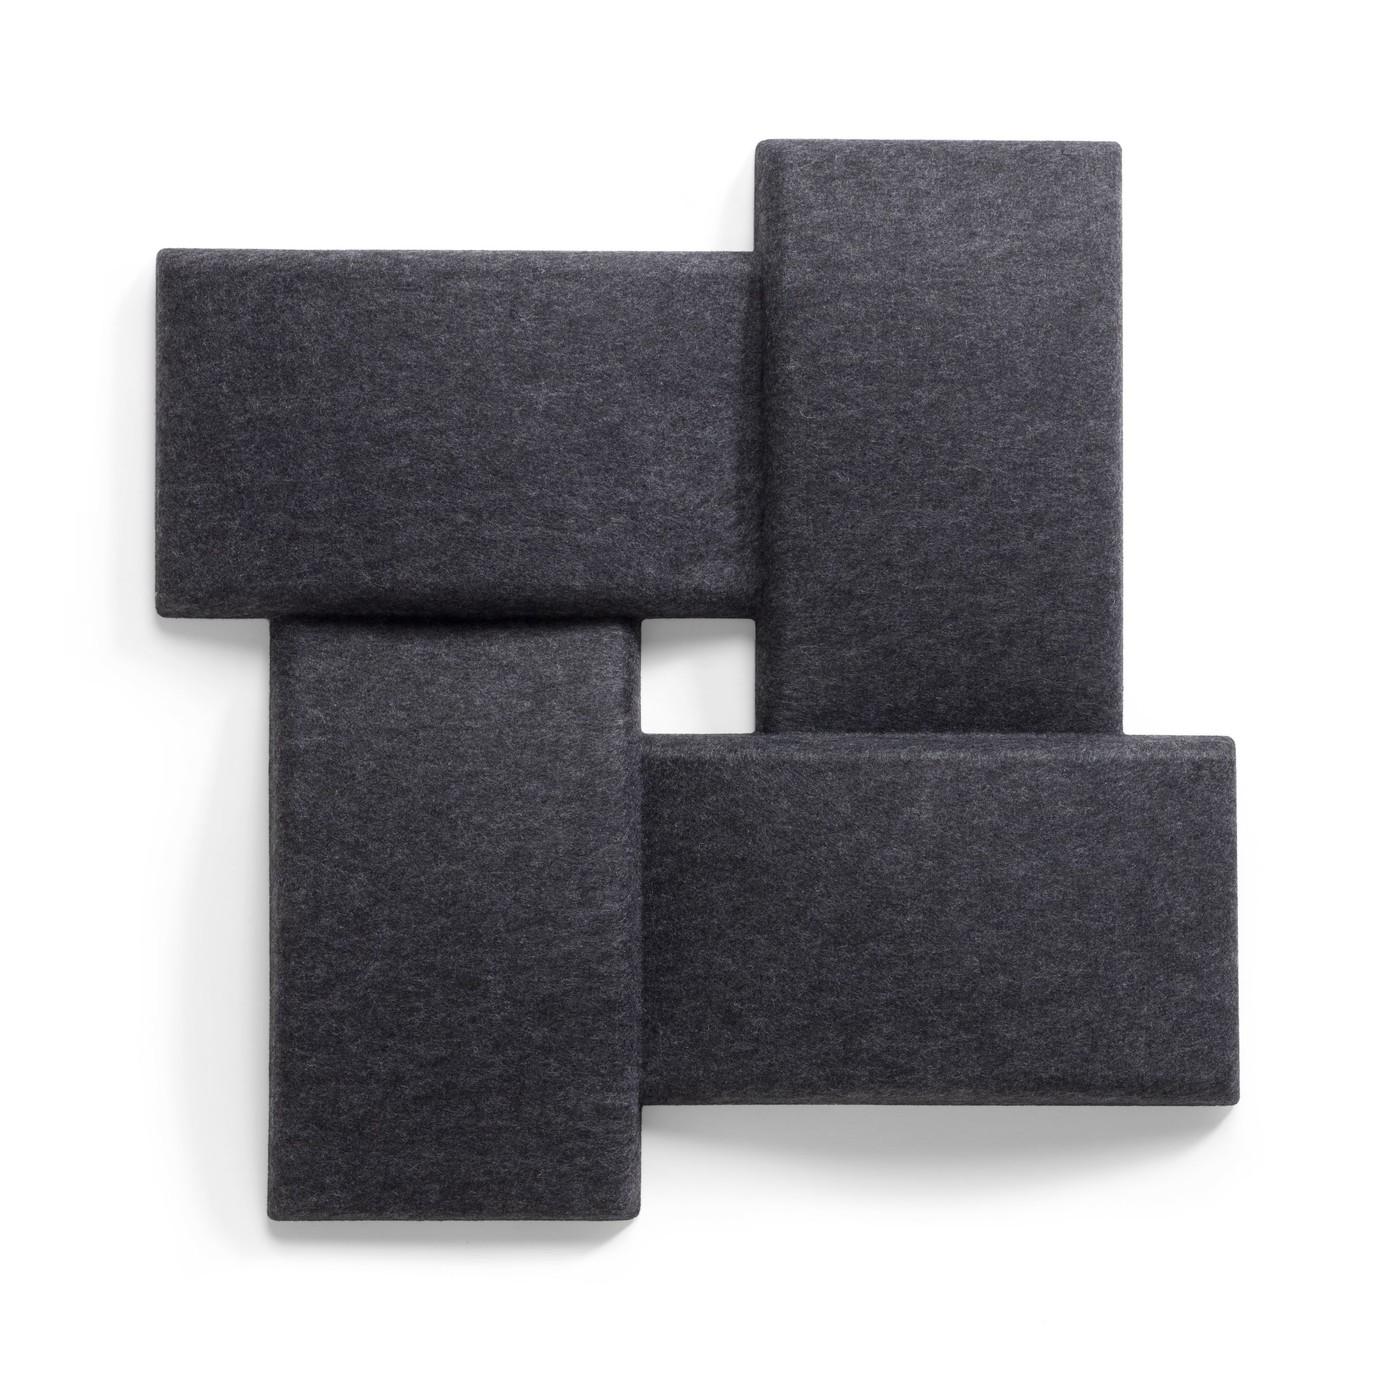 0-Control-Sonido-Paneles-Acusticos-Soundwave-Wicker-1380